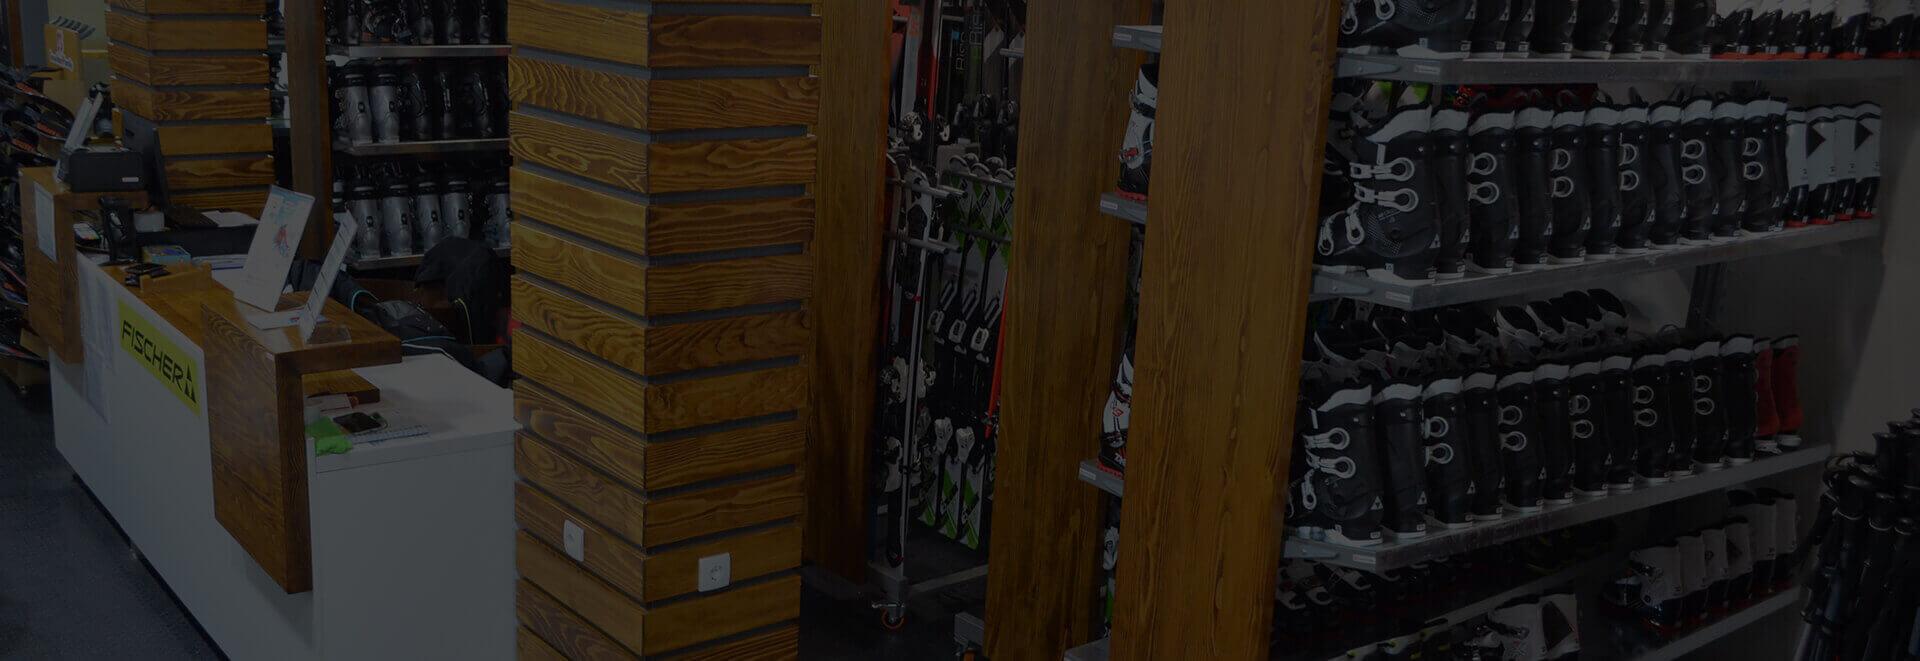 Ski rent